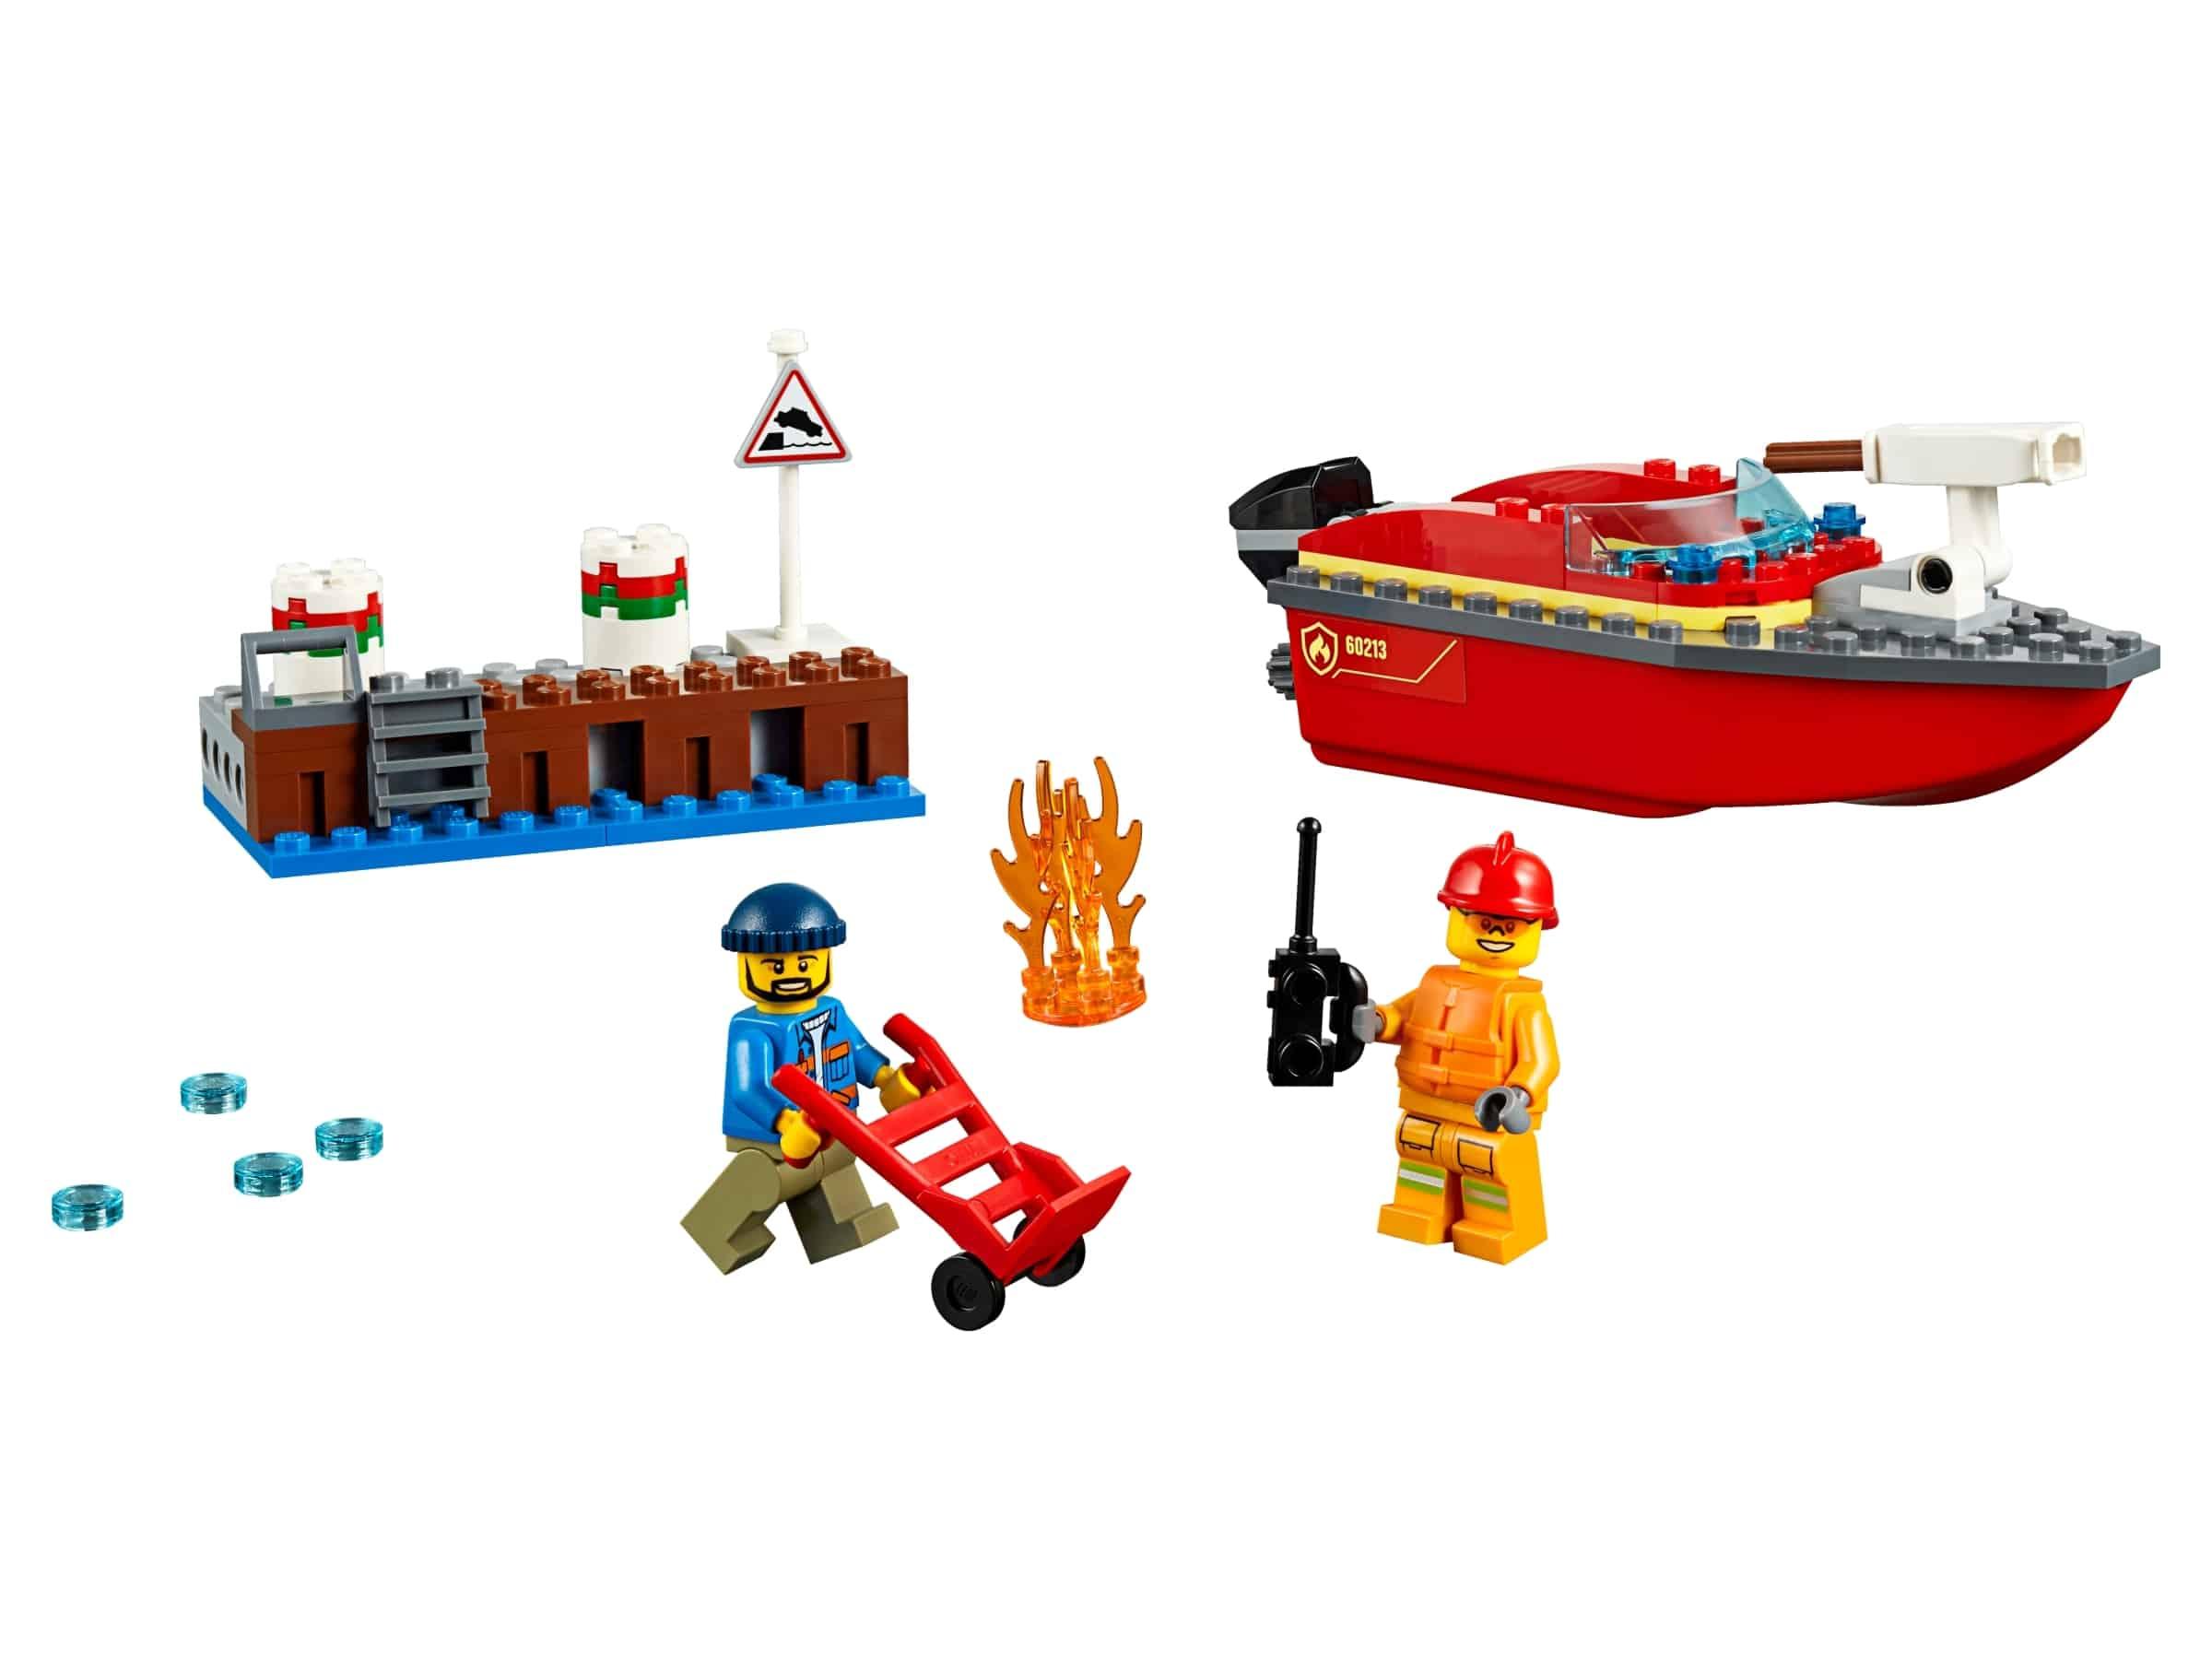 lego brand aan de kade 60213